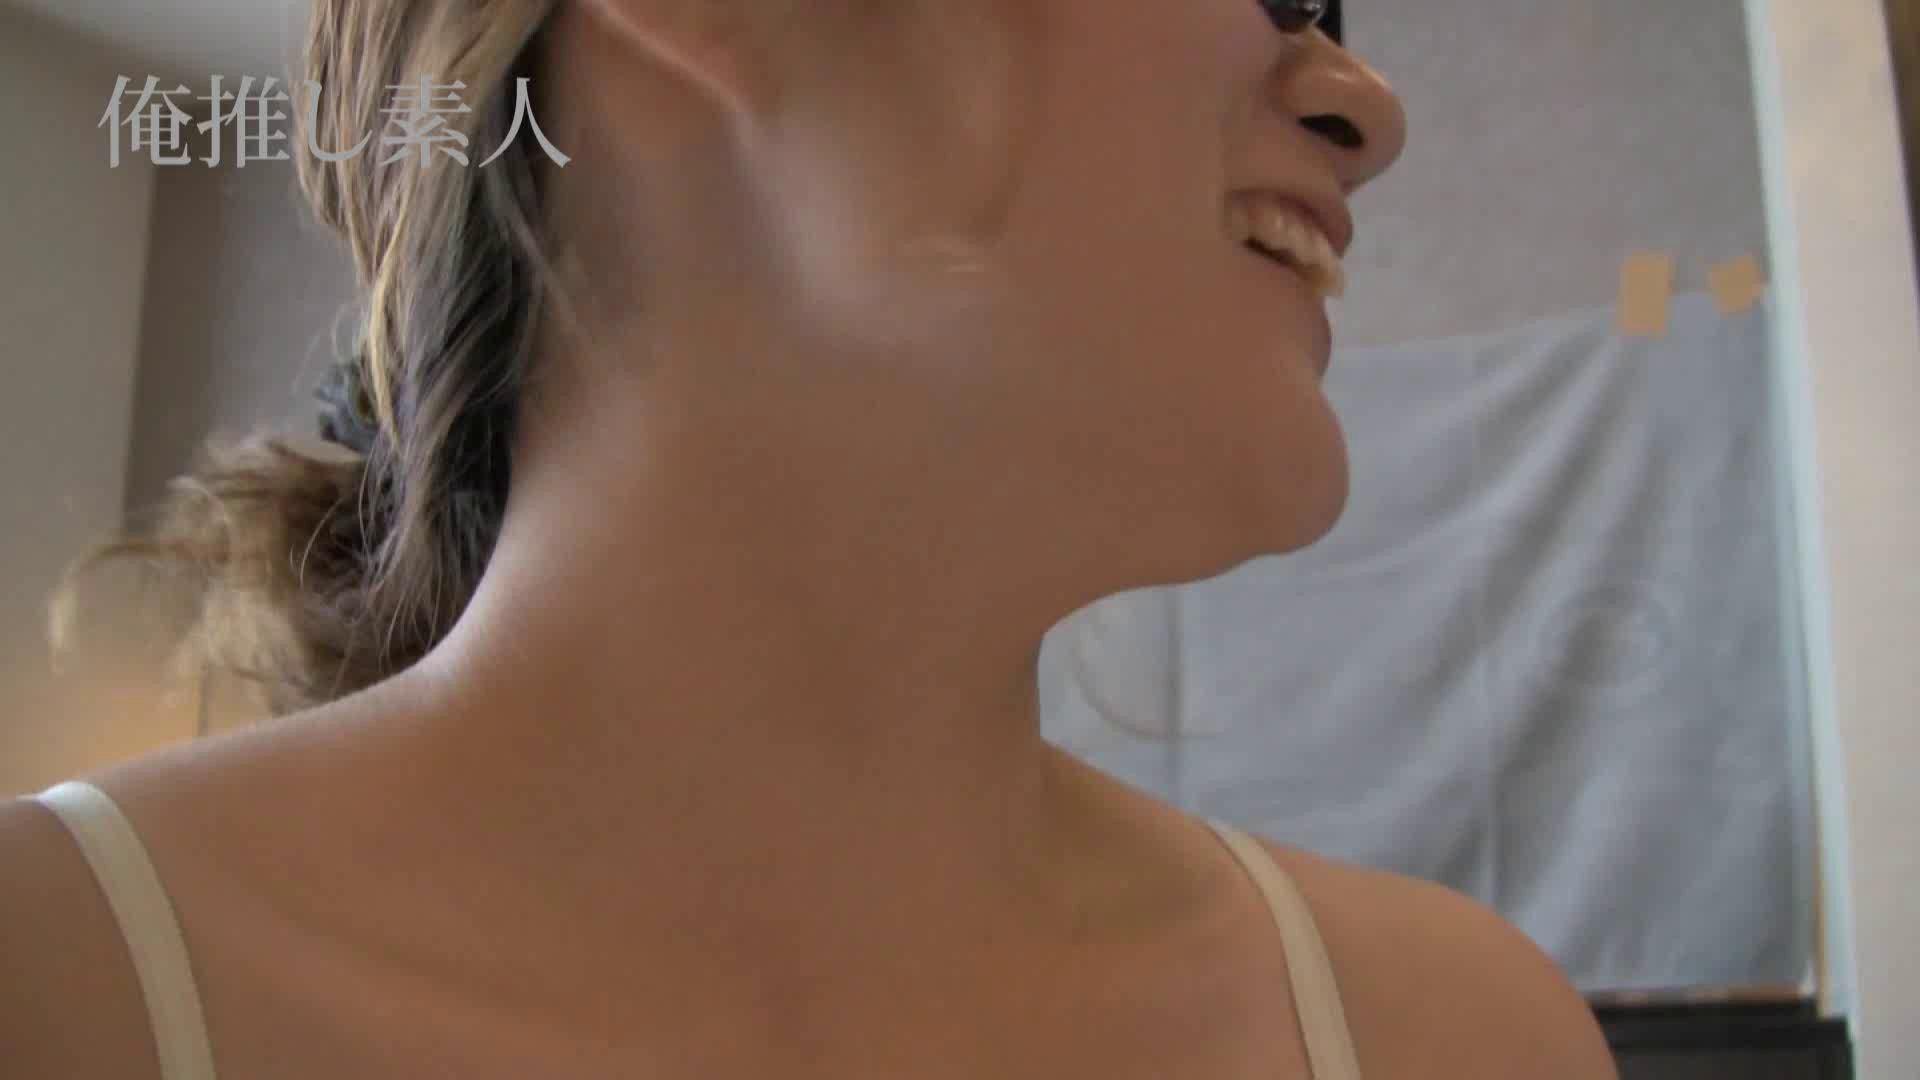 俺推し素人 キャバクラ嬢26歳久美vol5 OL裸体 | ギャル達のセックス  91画像 13